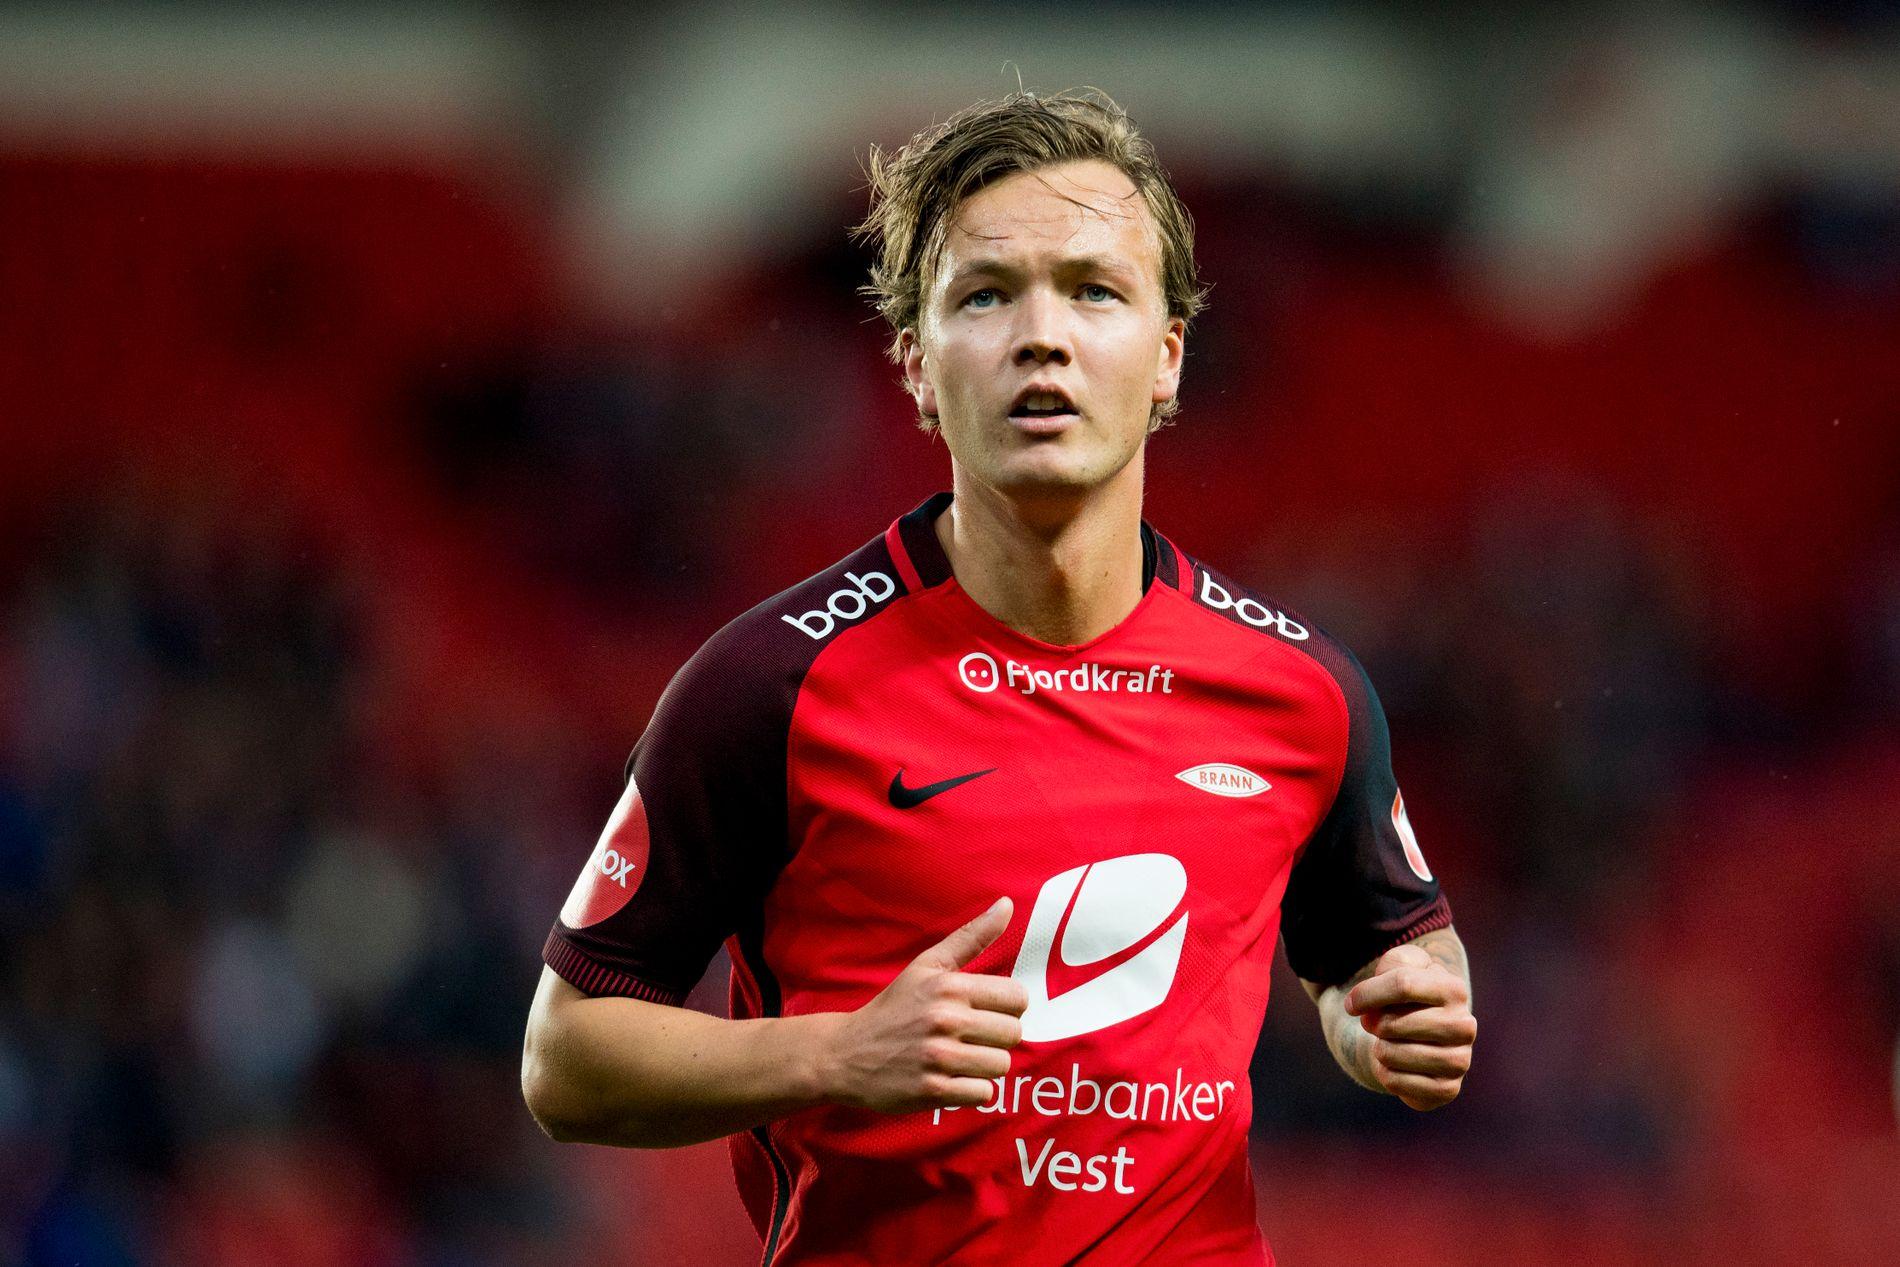 SNUDDE: Fredrik Haugen hadde bare et halvt år igjen av avtalen med Brann, og fremtiden virket å ligge et annet sted. Så signerte han ny kontrakt.